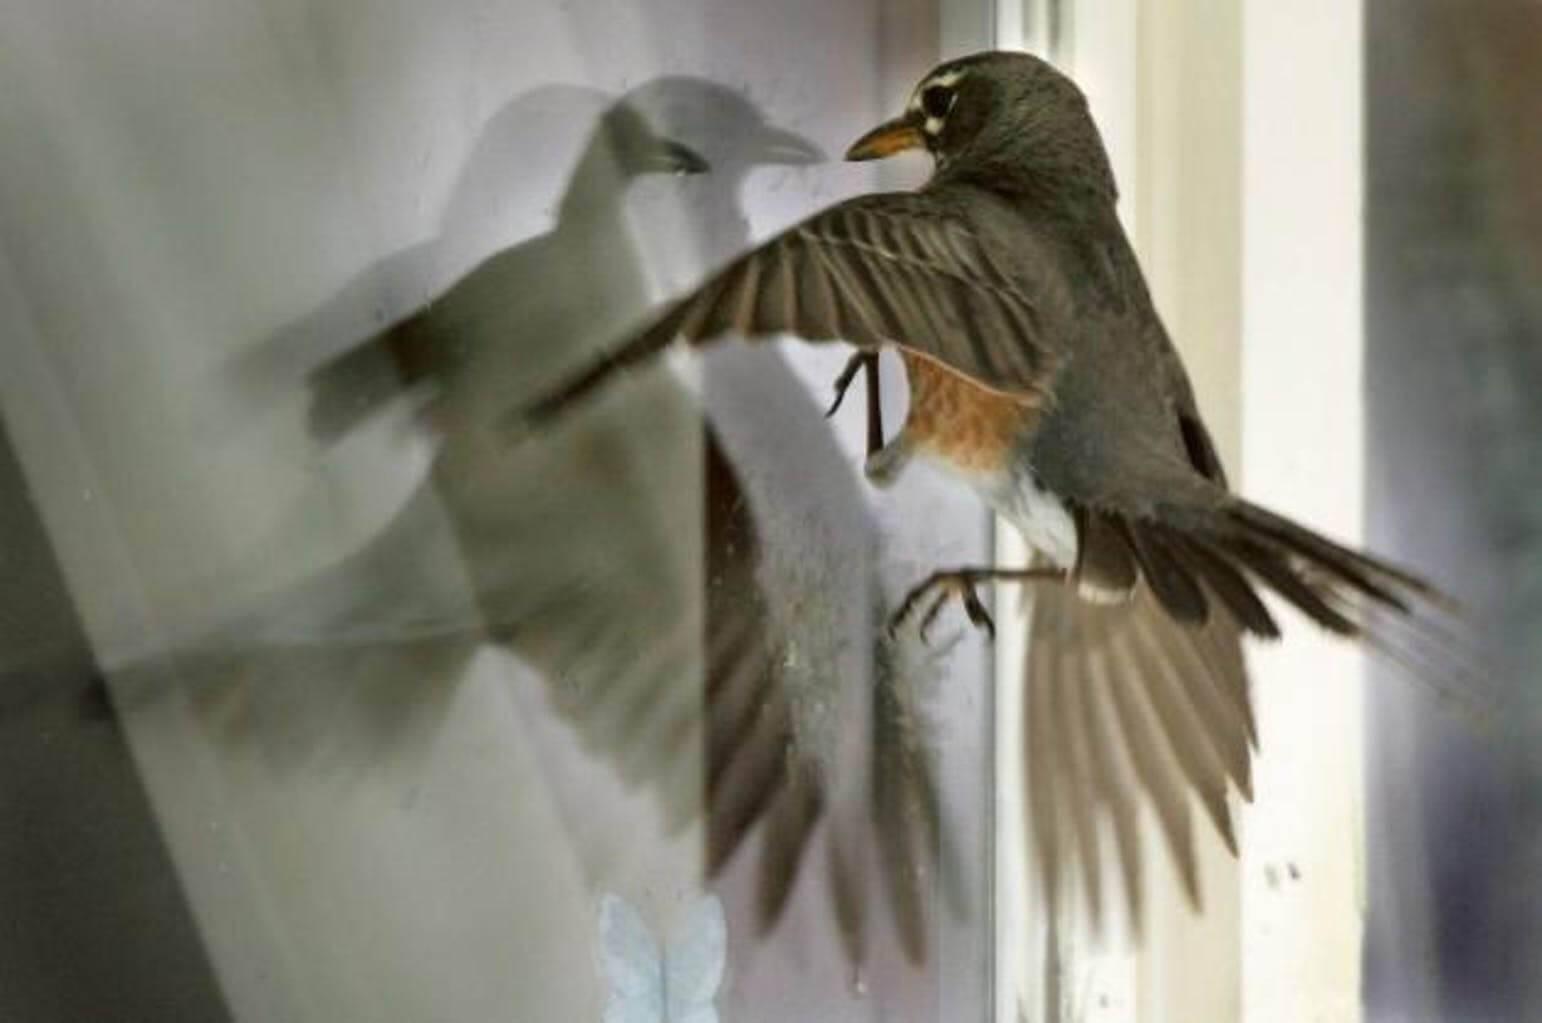 Птичка стучит в окно машины примета. приметы - птица стучит в окно - права граждан